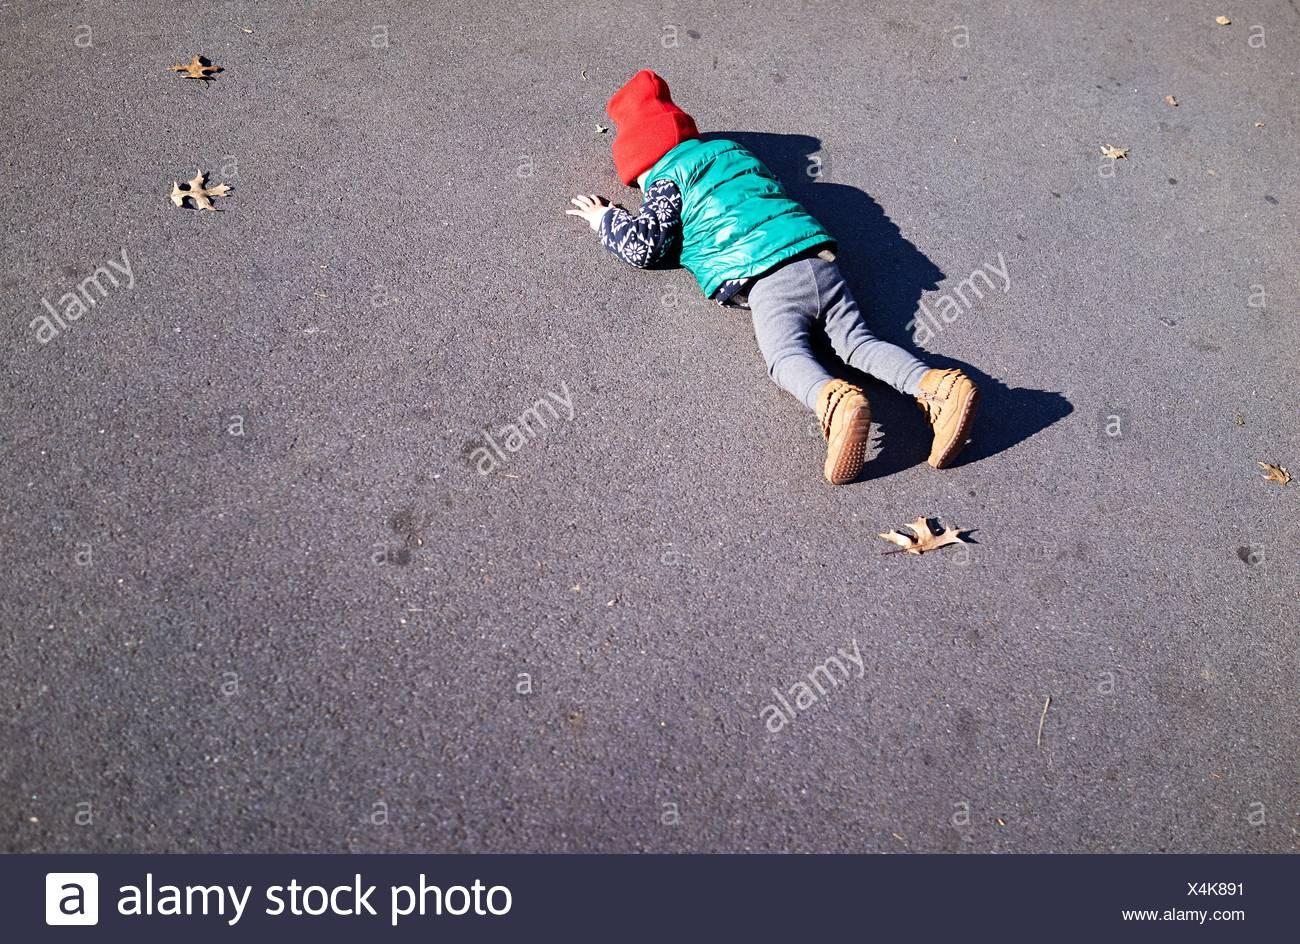 Ragazzo sdraiato a faccia in giù sulla strada Immagini Stock